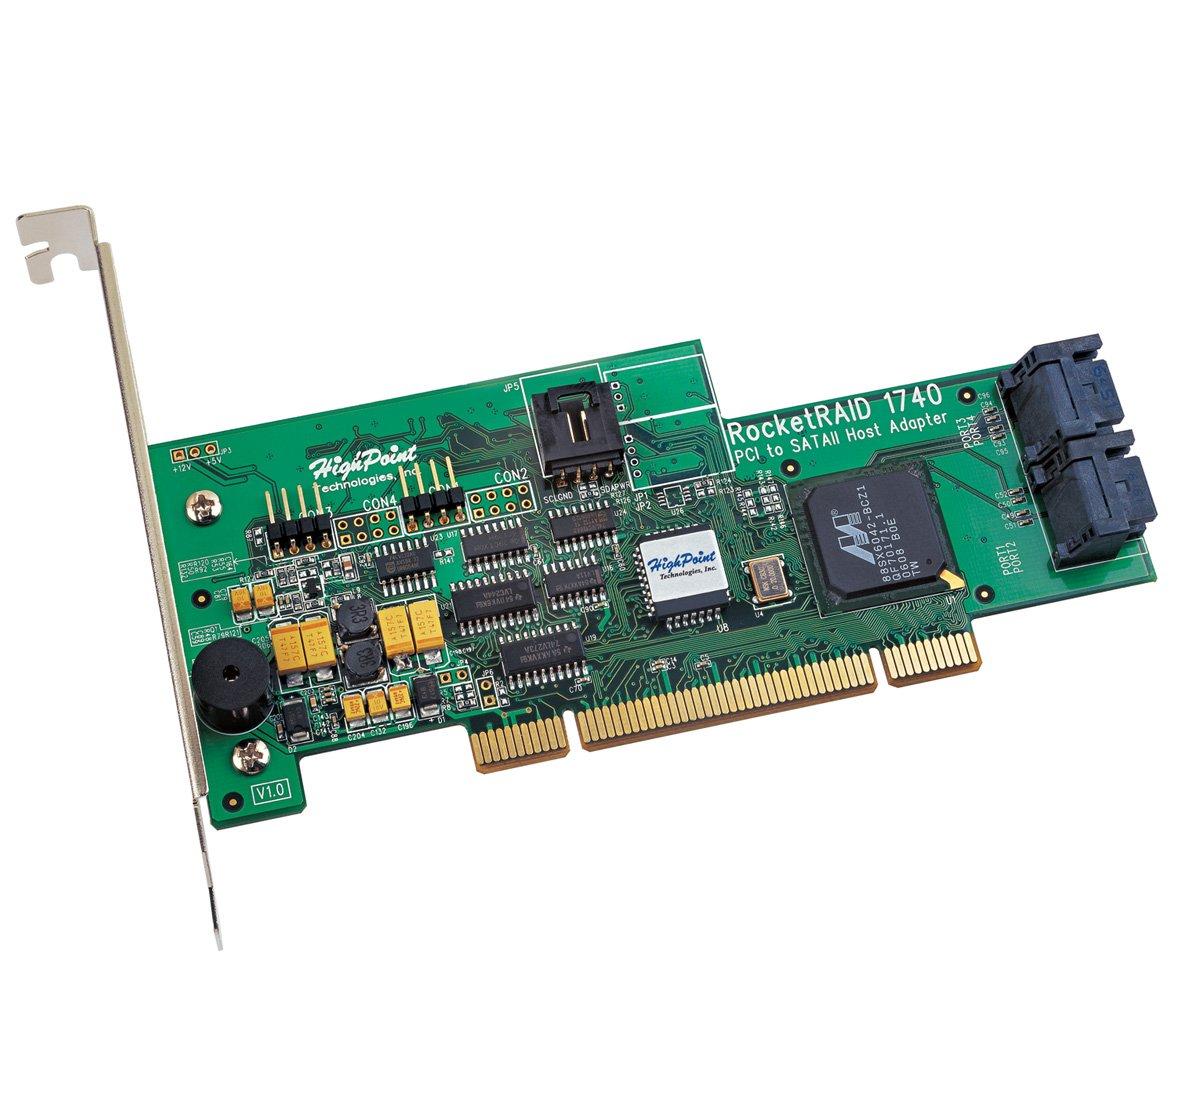 HighPoint RocketRAID 1740 4-Channel PCI SATA 3Gb/s RAID Controller RocketRAID 1740